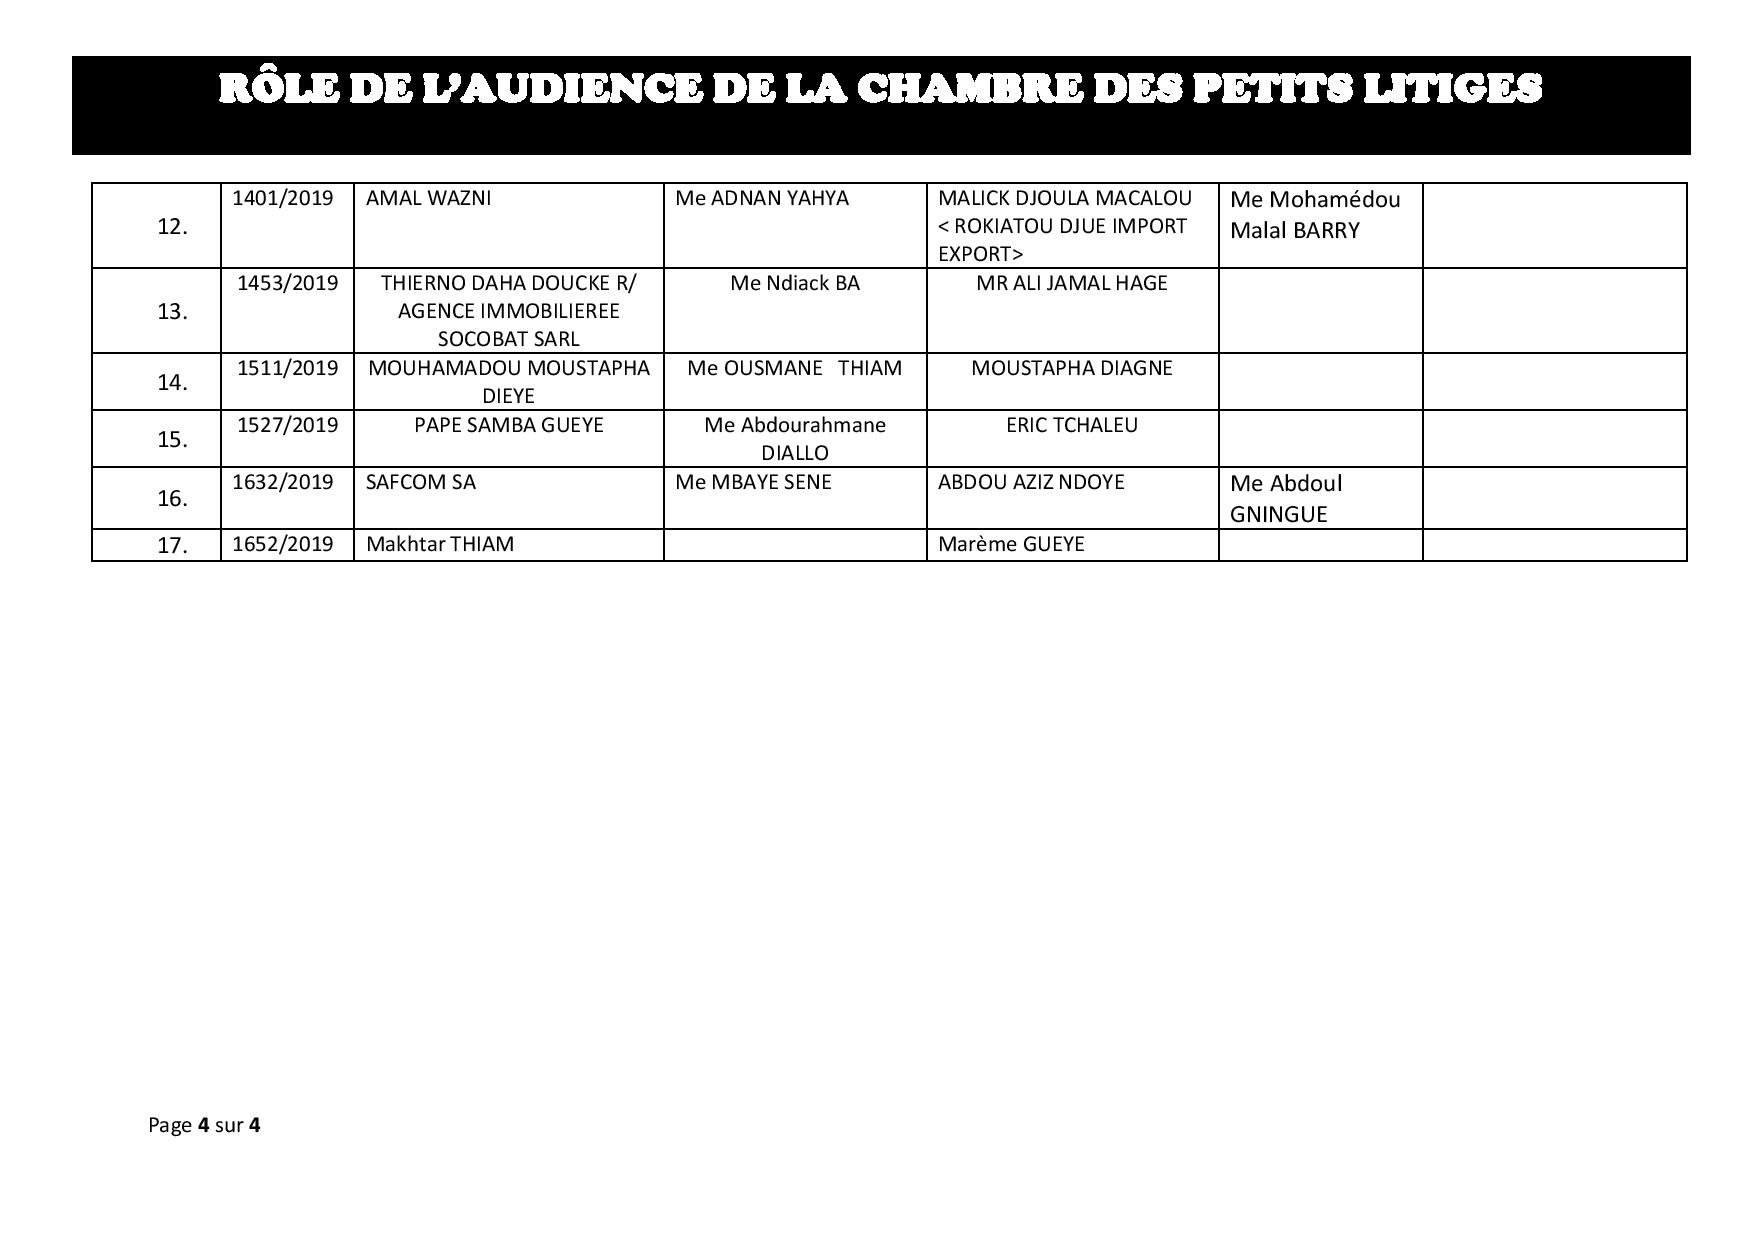 RÔLE DE L'AUDIENCE DE LA CHAMBRE DES PETITS LITIGES ce 23 Avril 2019